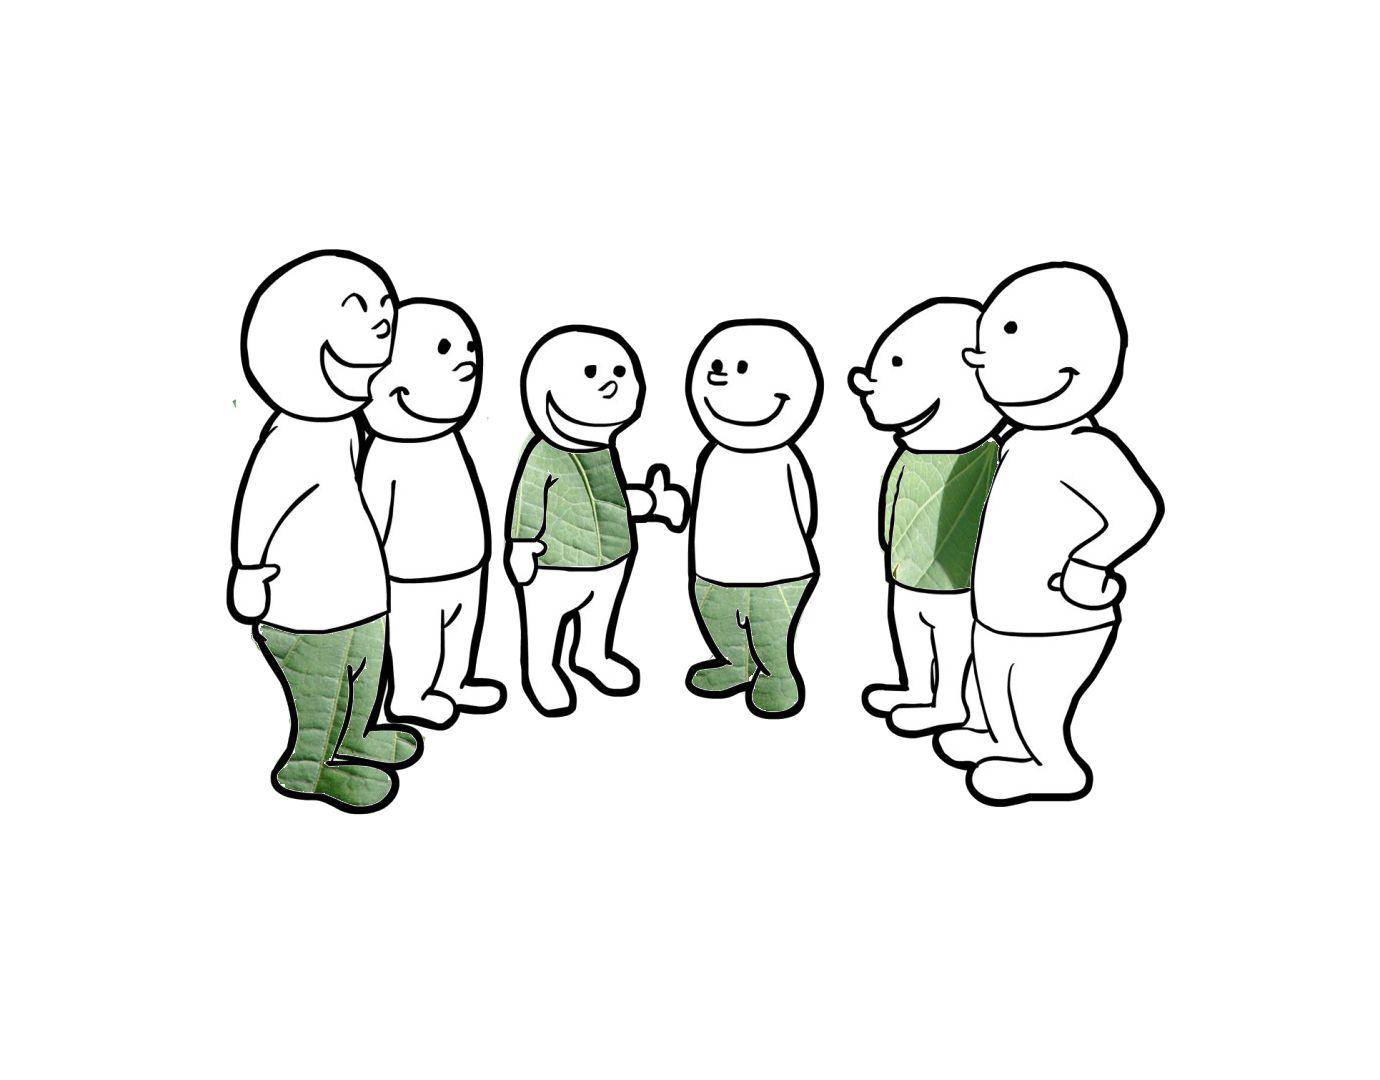 как научиться разговаривать с людьми топ- 6 советов